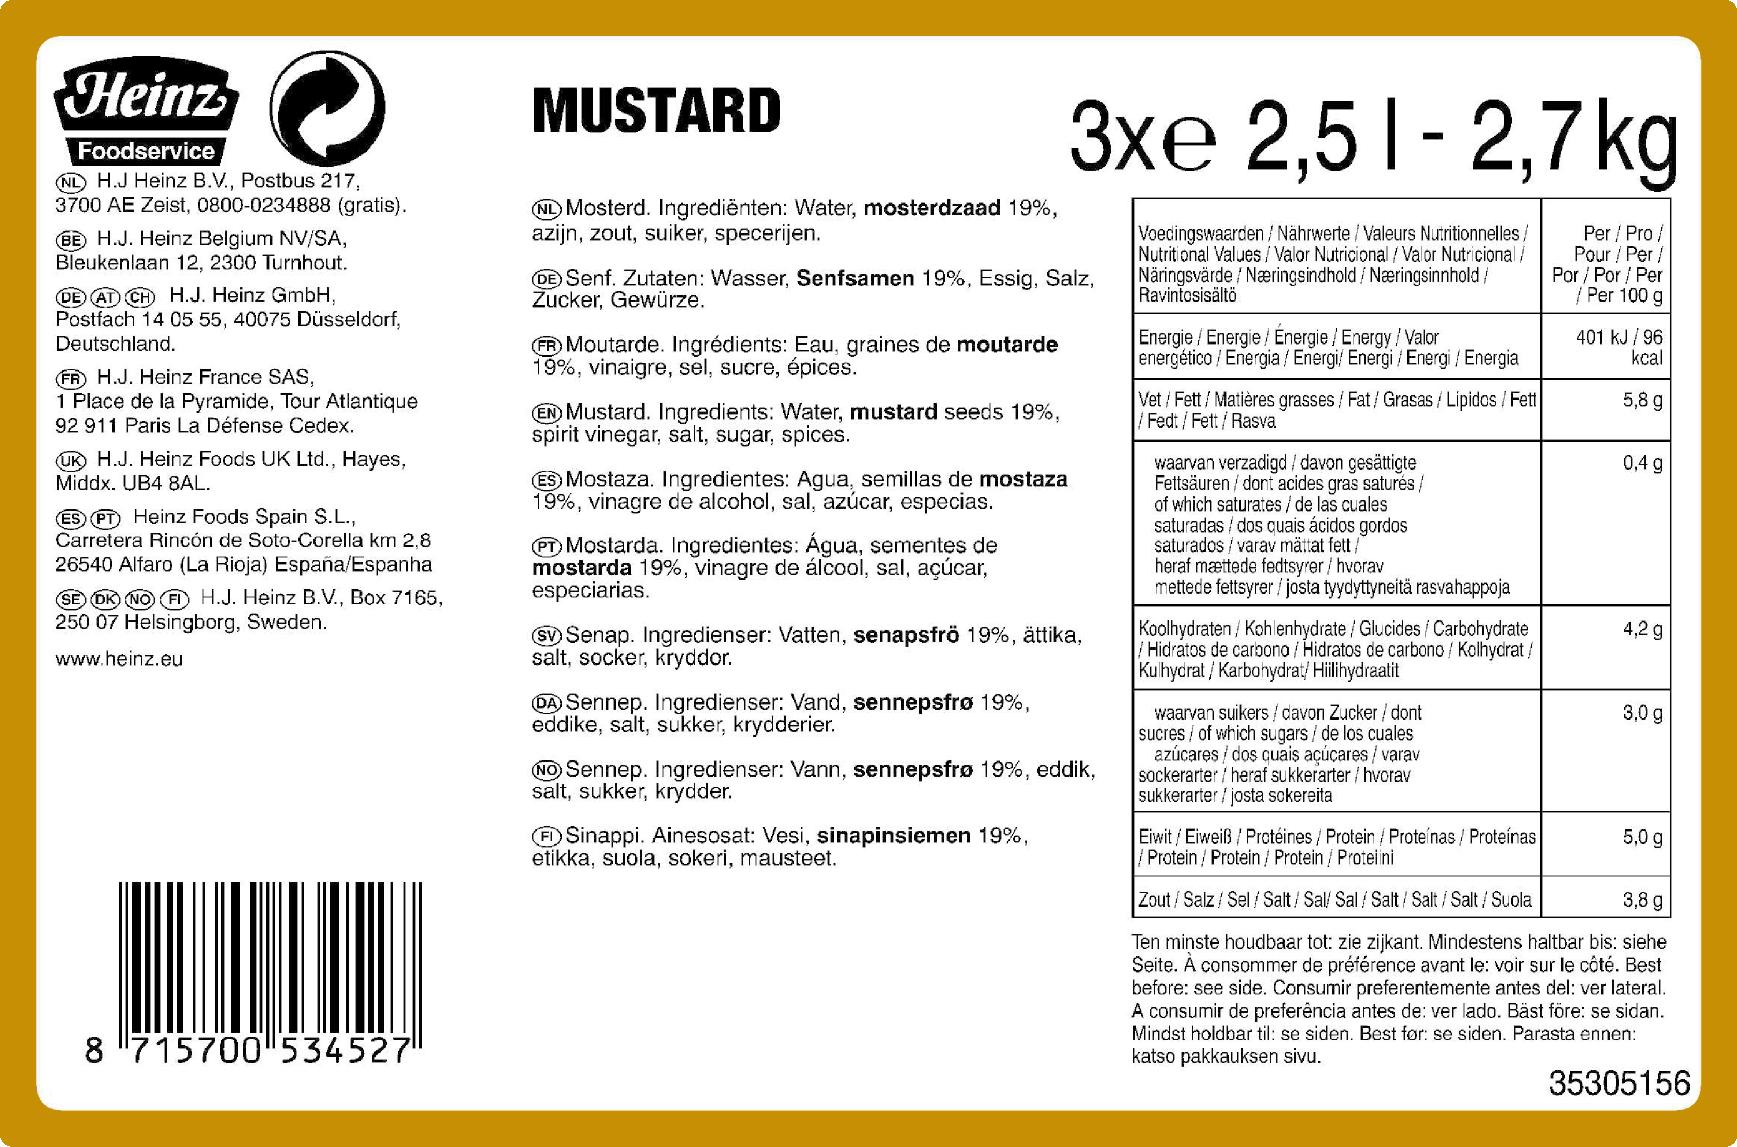 Musztarda Heinz 2.5L dyspenser